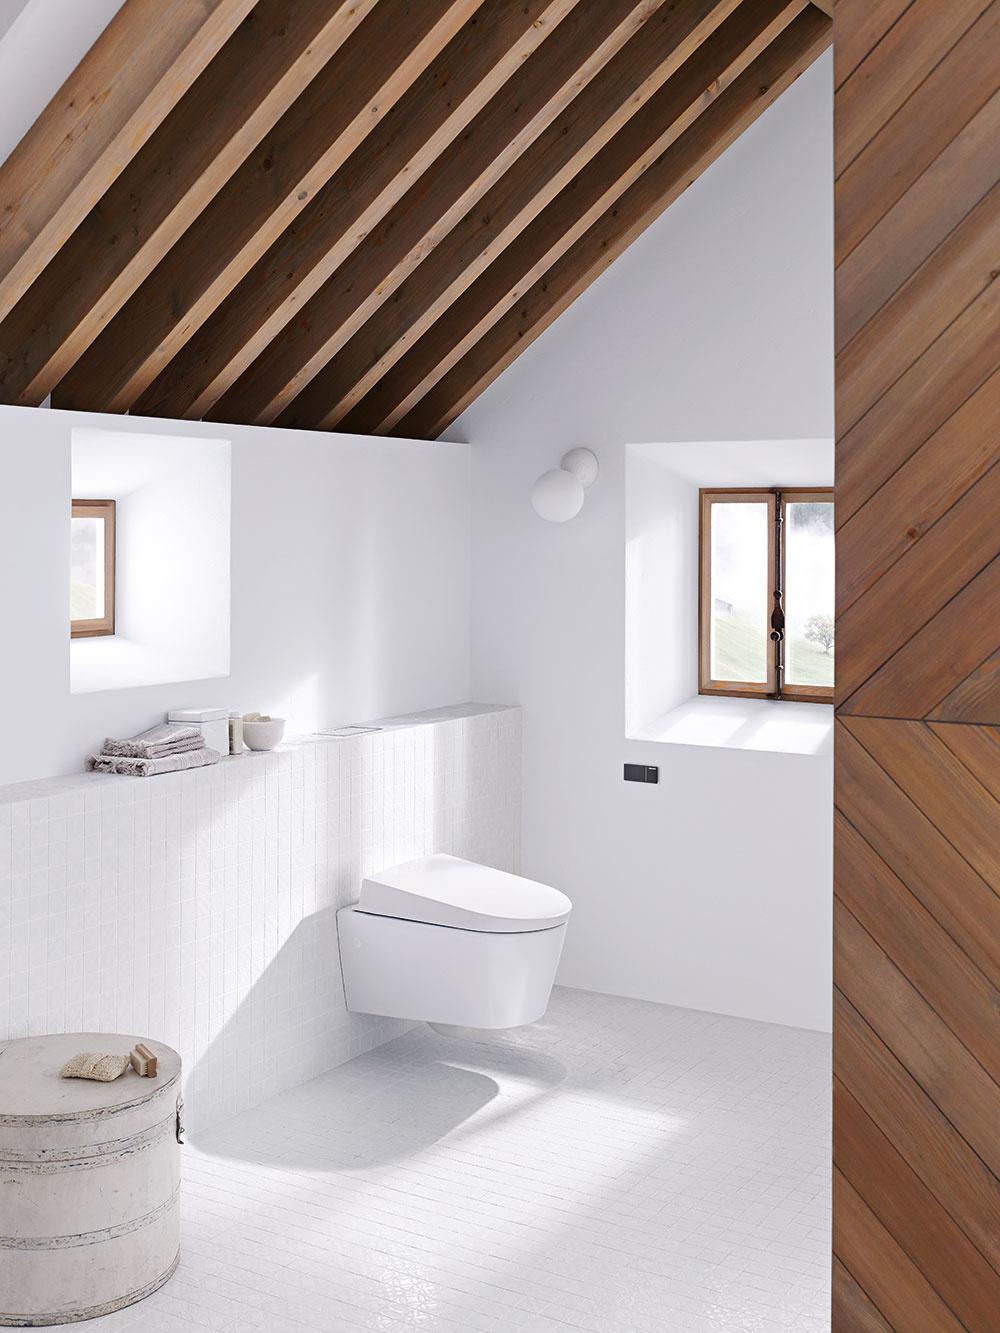 Do malých priestorov, napríklad vpodkroví, sú vhodné znížené nádržky. Podomietková splachovacia nádržka Geberit Omega 12 cm sa dodáva vinštalačných systémoch Geberit Duofix aGeberit Kombifix pre závesné WC. Vďaka trom výškam je vhodná aj vprípadoch, keď ste obmedzení výškou, napríklad pod nízkym oknom alebo šikmou strechou.